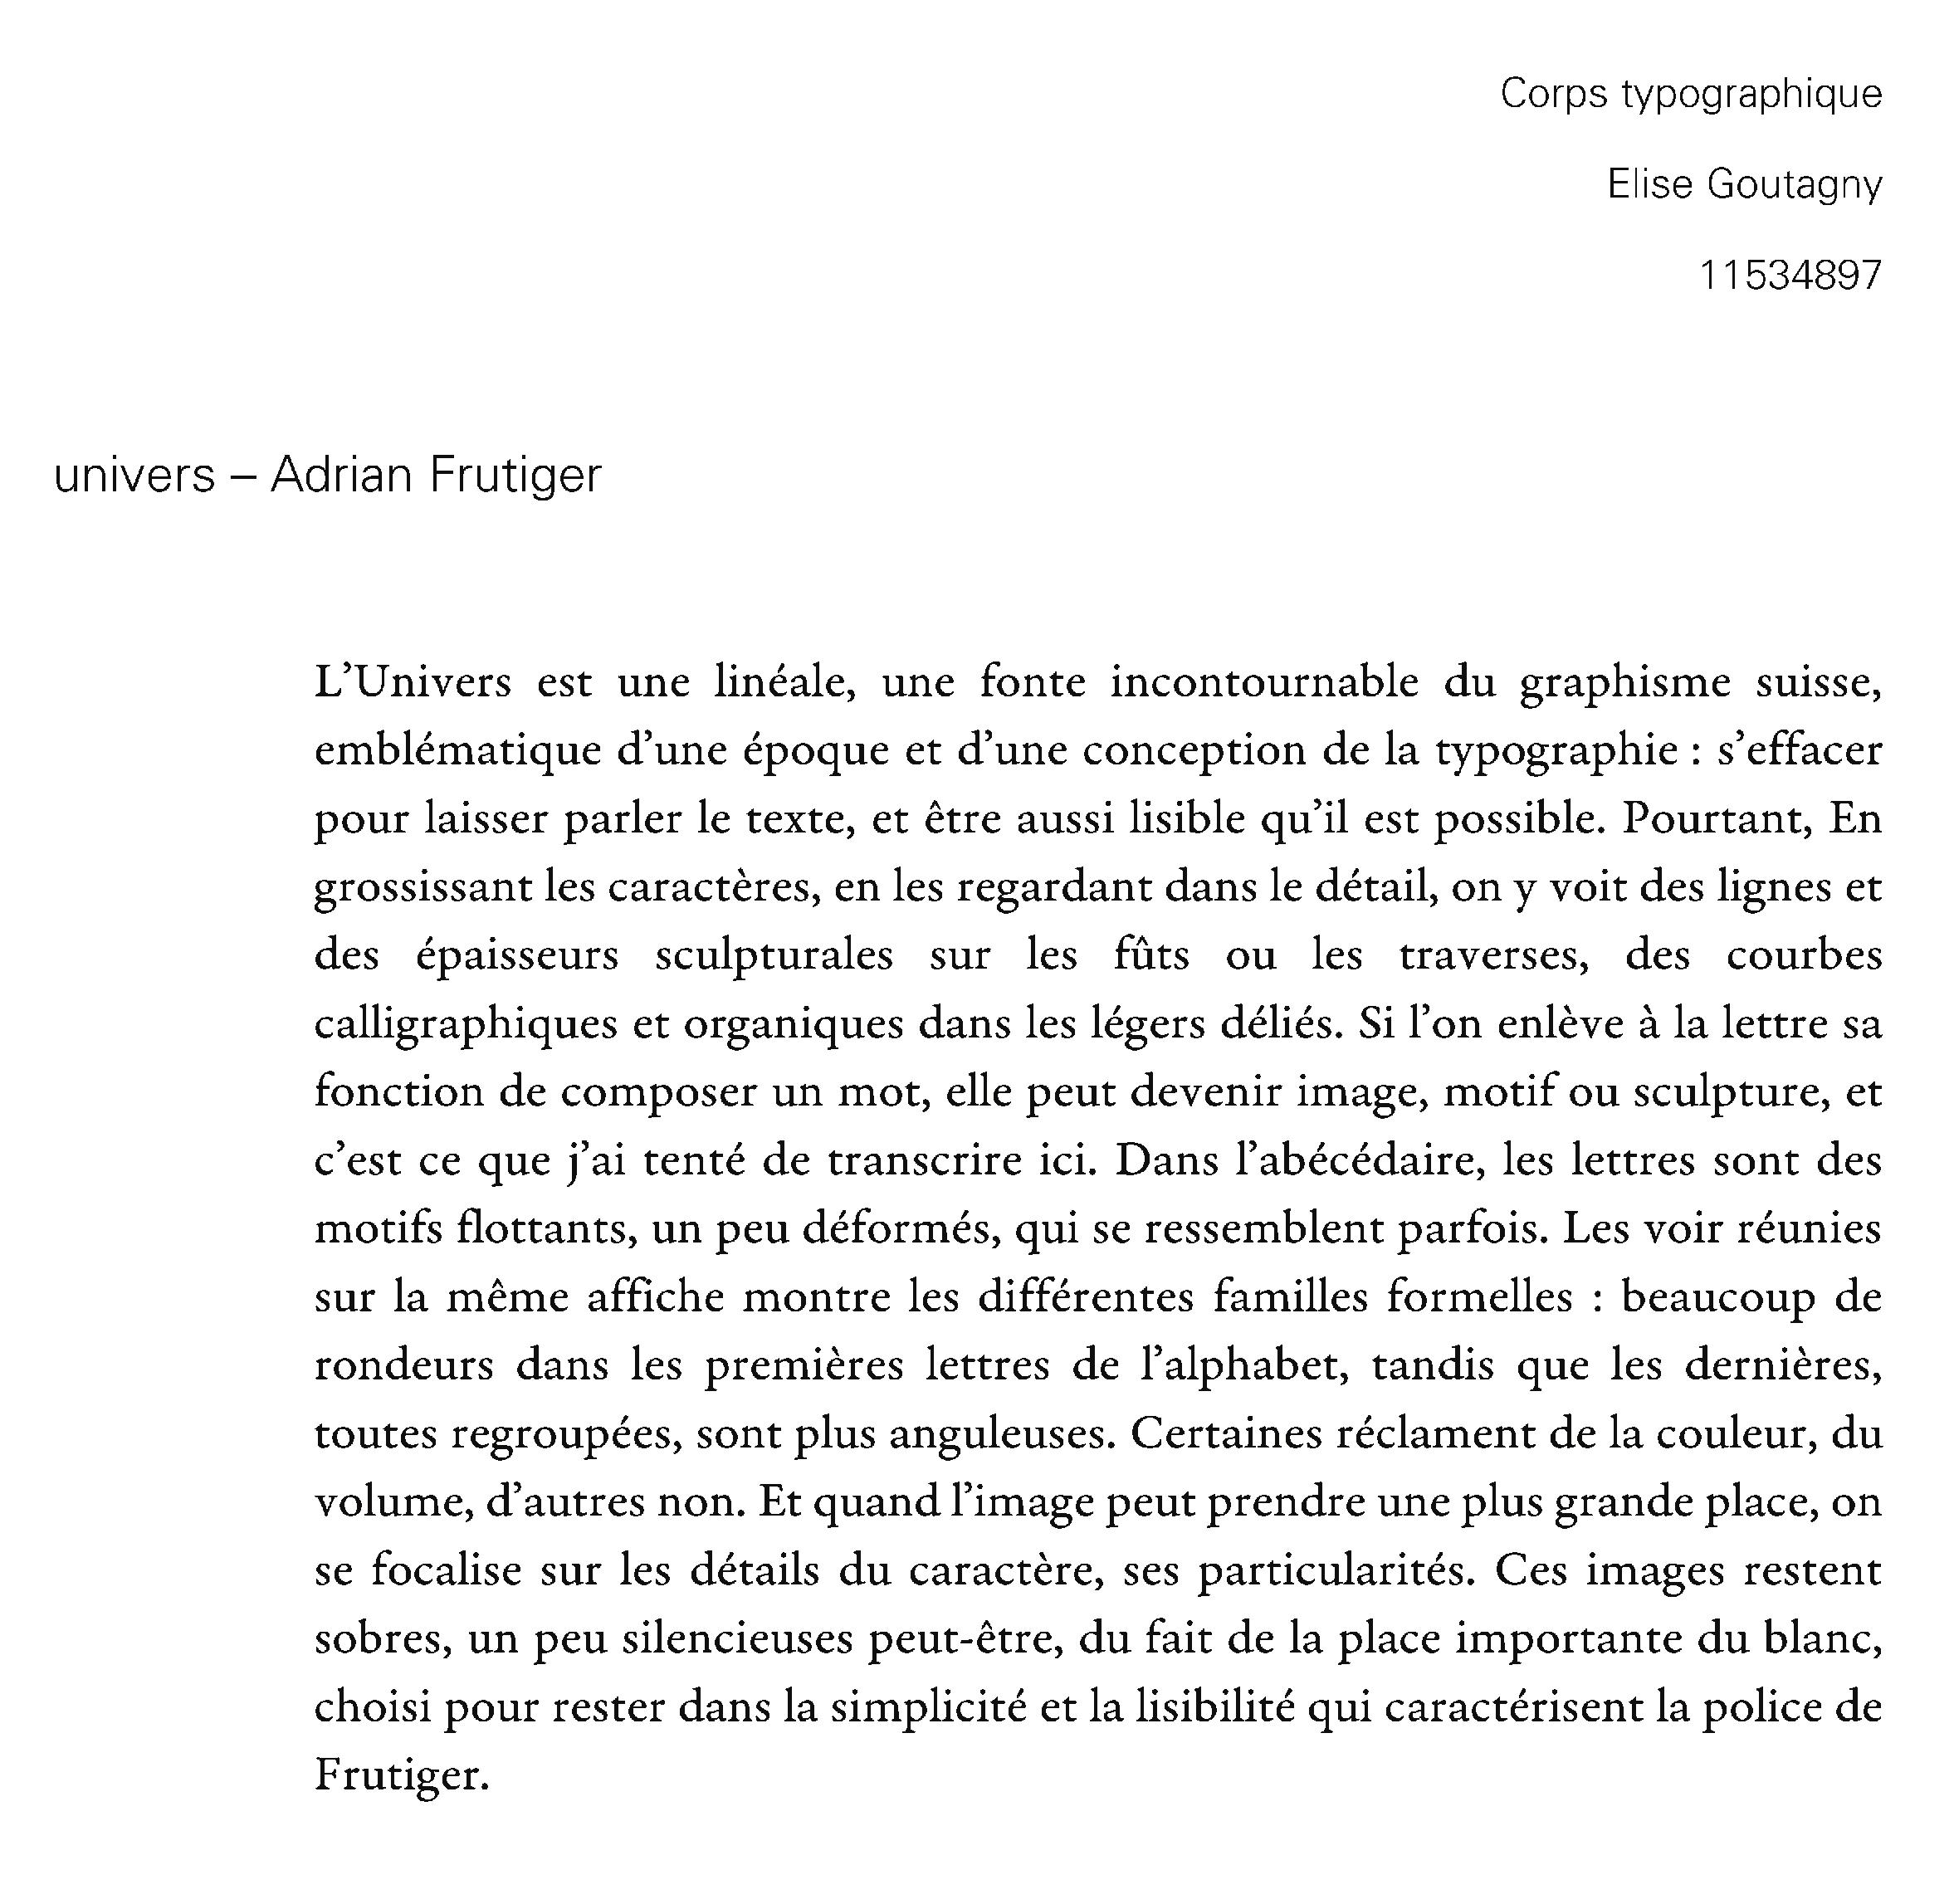 Goutagny_Elise_Avenir